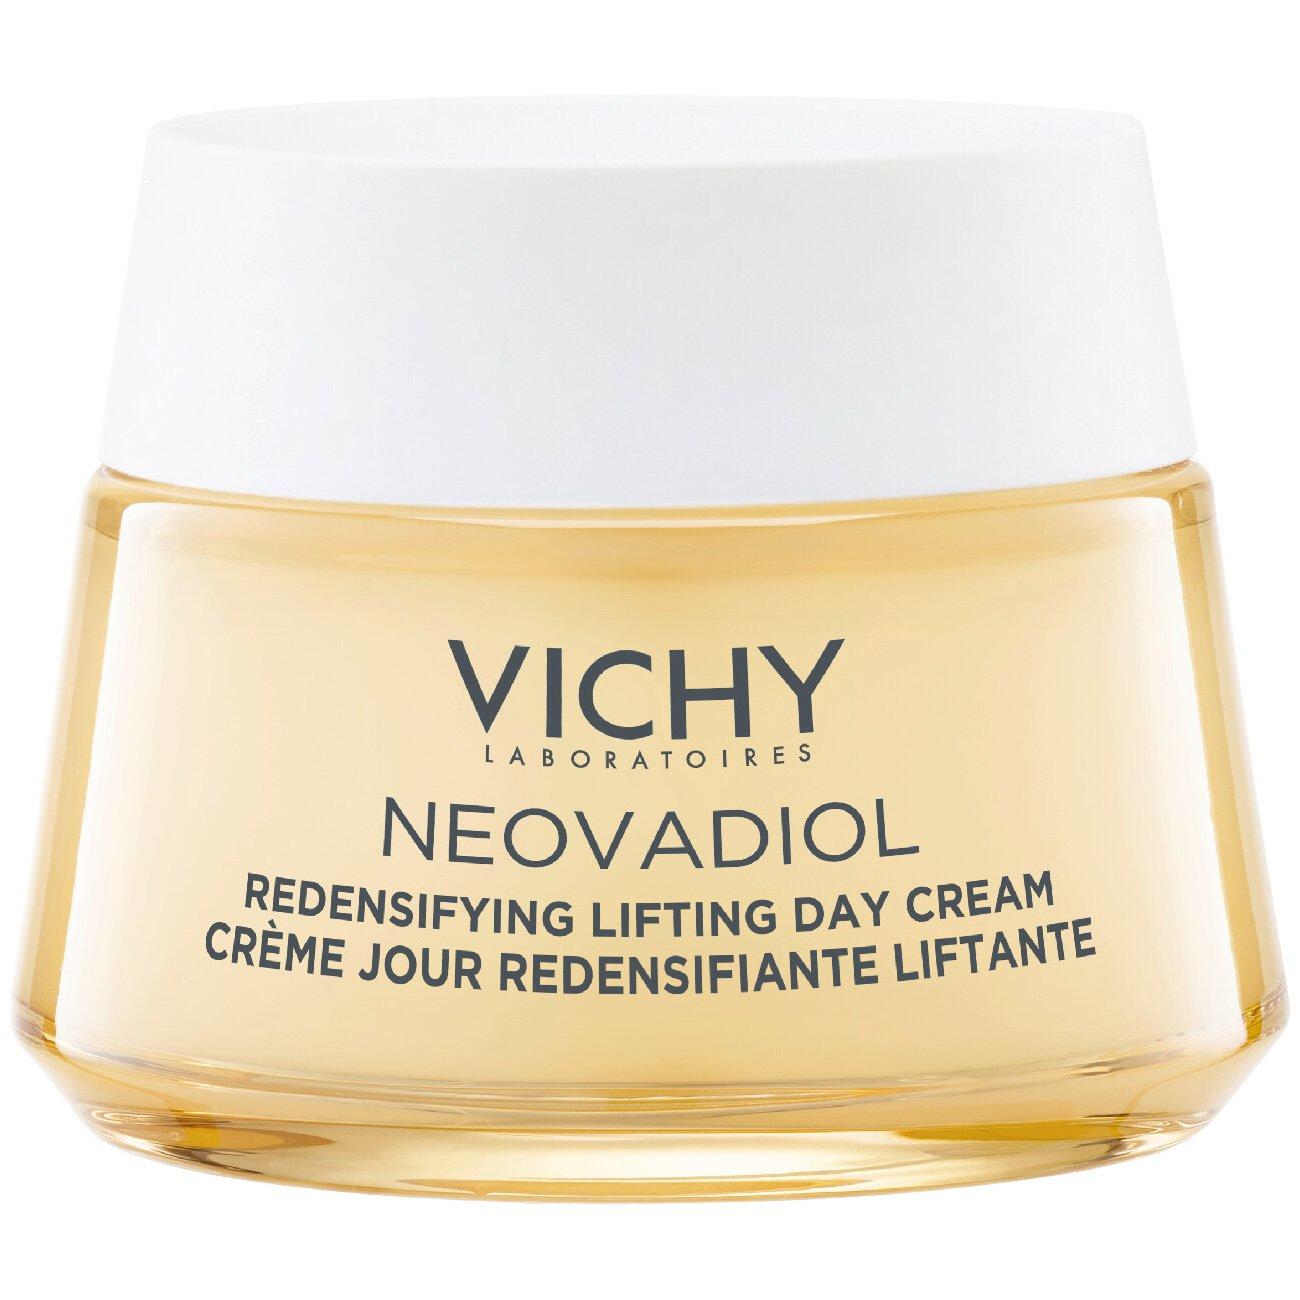 Vichy Neovadiol Peri-Menopause Redensifying Day Cream Κρέμα Ημέρας για την Περιεμμηνόπαυση, Κανονικές Μικτές Επιδερμίδες 50ml